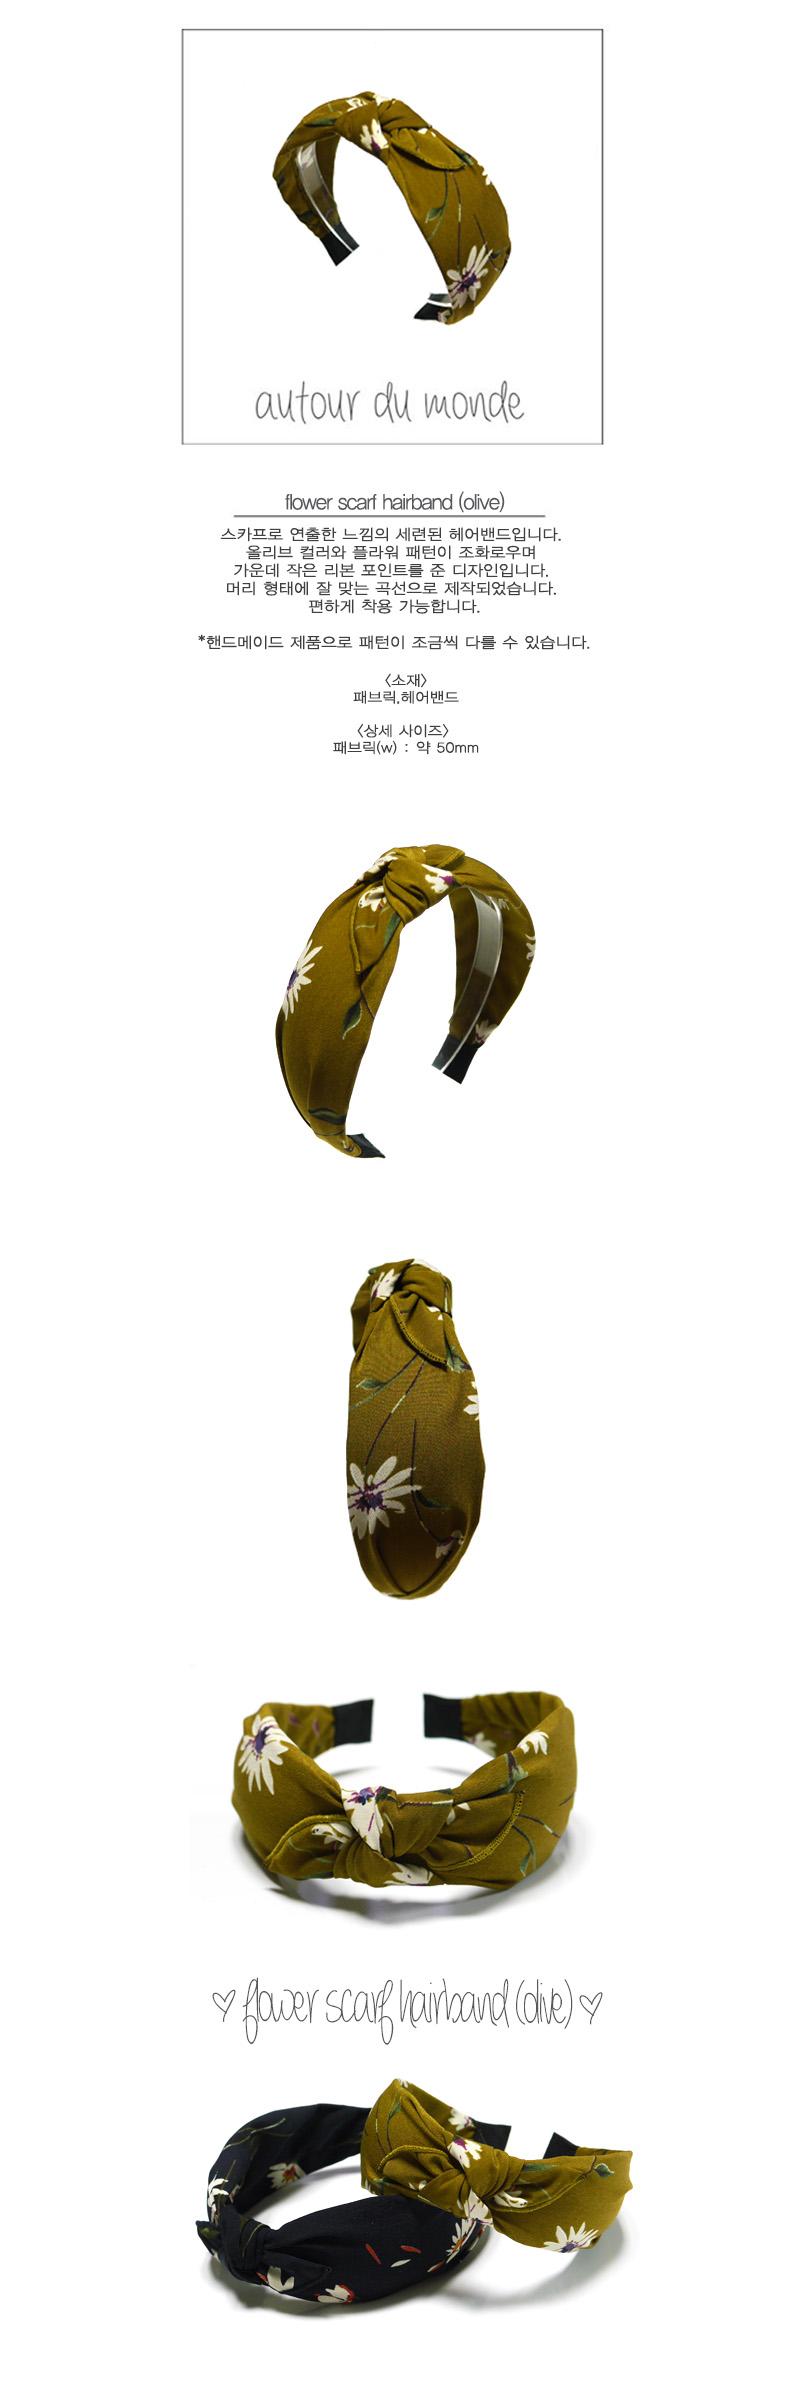 autour du monde flower scarf hairband olive 25 000. Black Bedroom Furniture Sets. Home Design Ideas